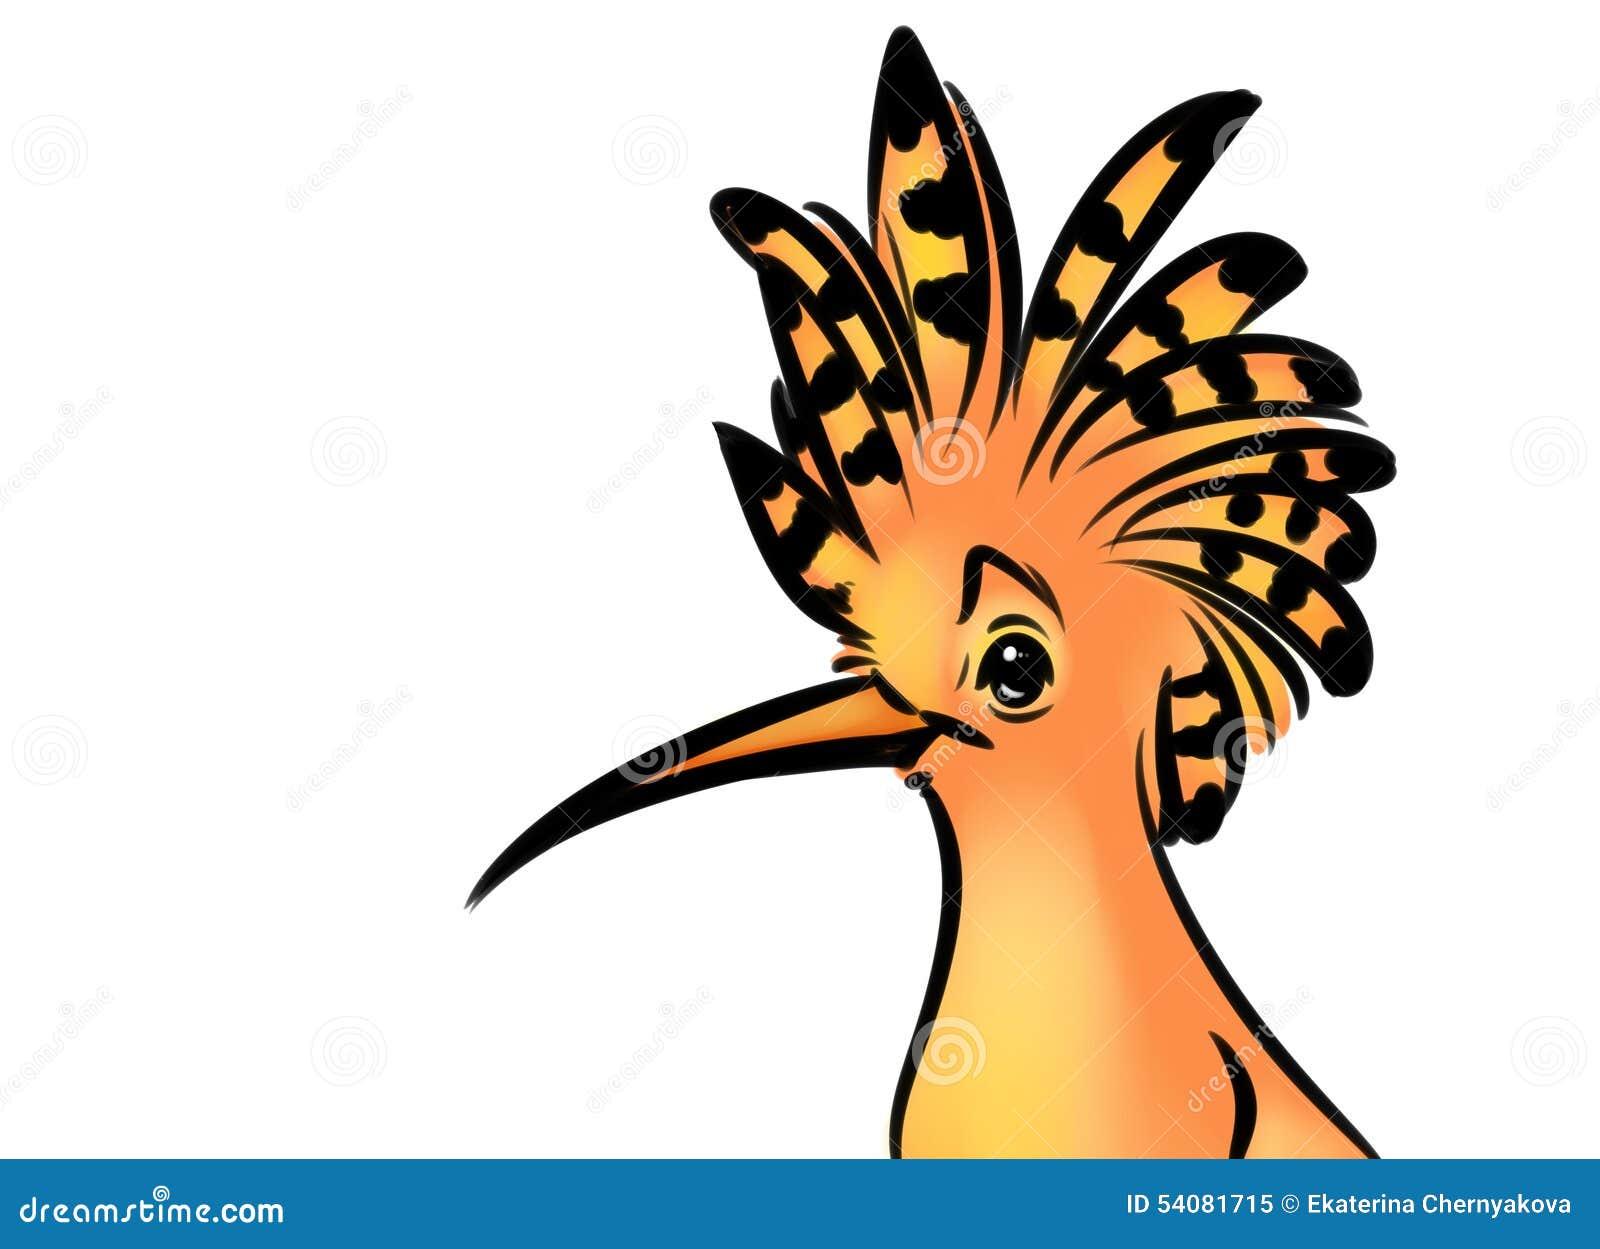 bird hoopoe cartoon illustration stock illustration